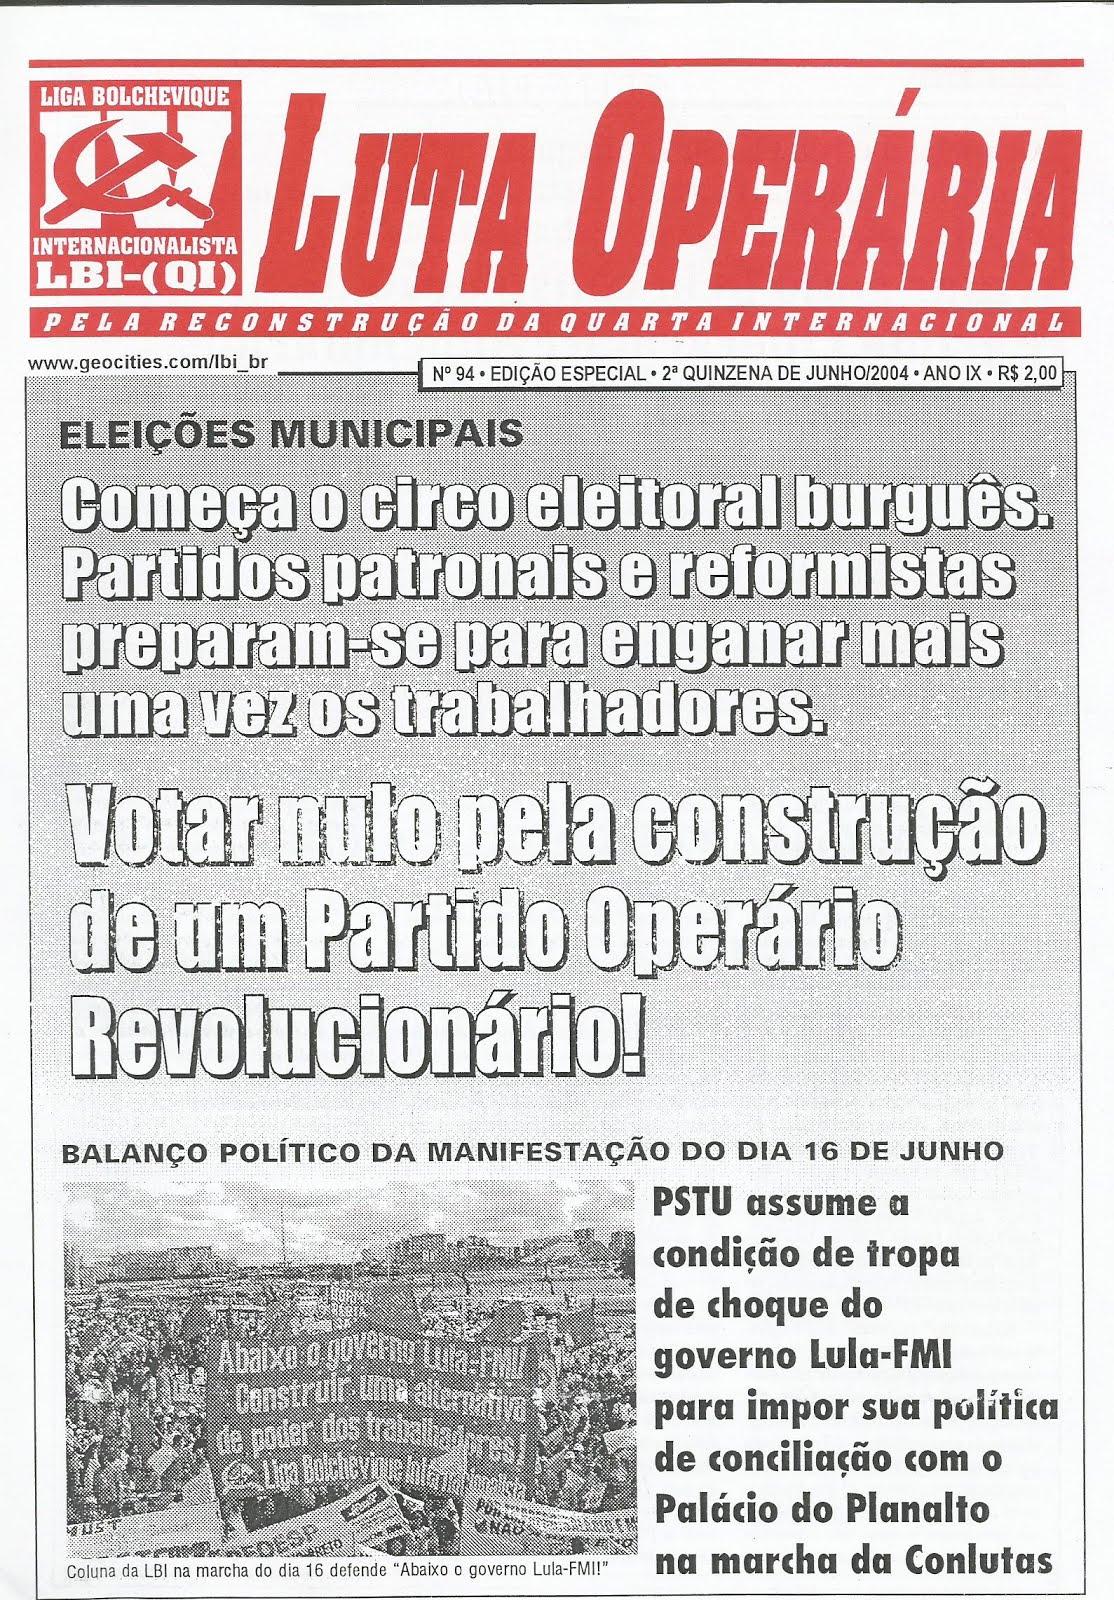 LEIA A EDIÇÃO DO JORNAL LUTA OPERÁRIA Nº 94, 2ª QUINZ. DE JUNHO/2004